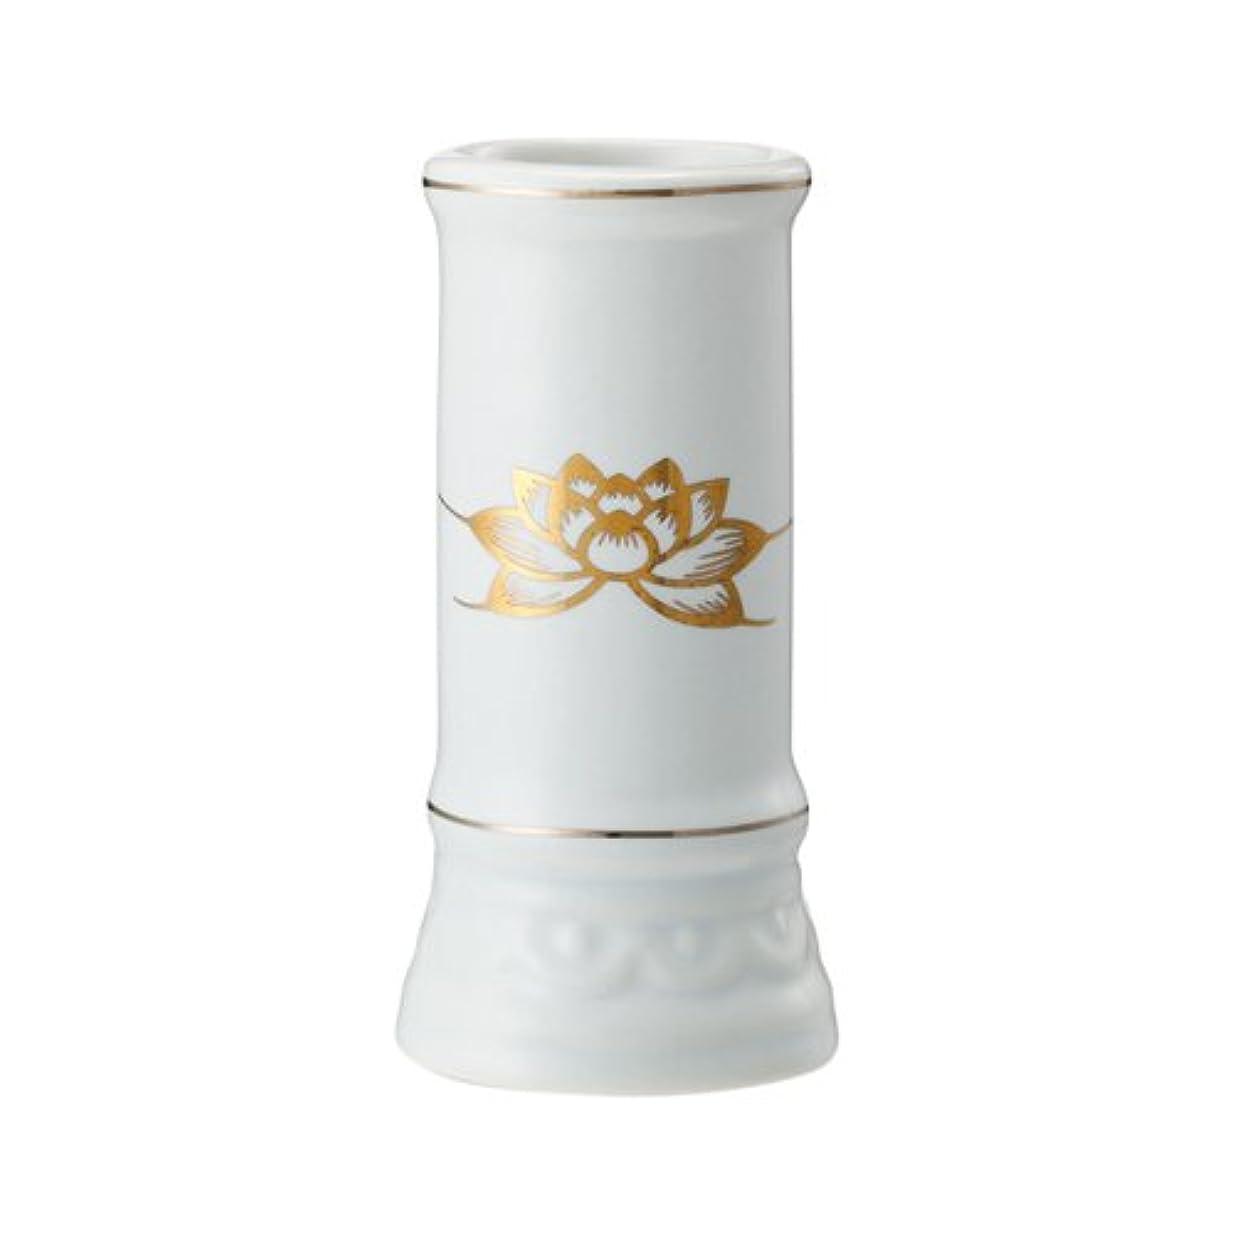 服専門知識パッド日本香堂 線香立て ミニ陶器白磁